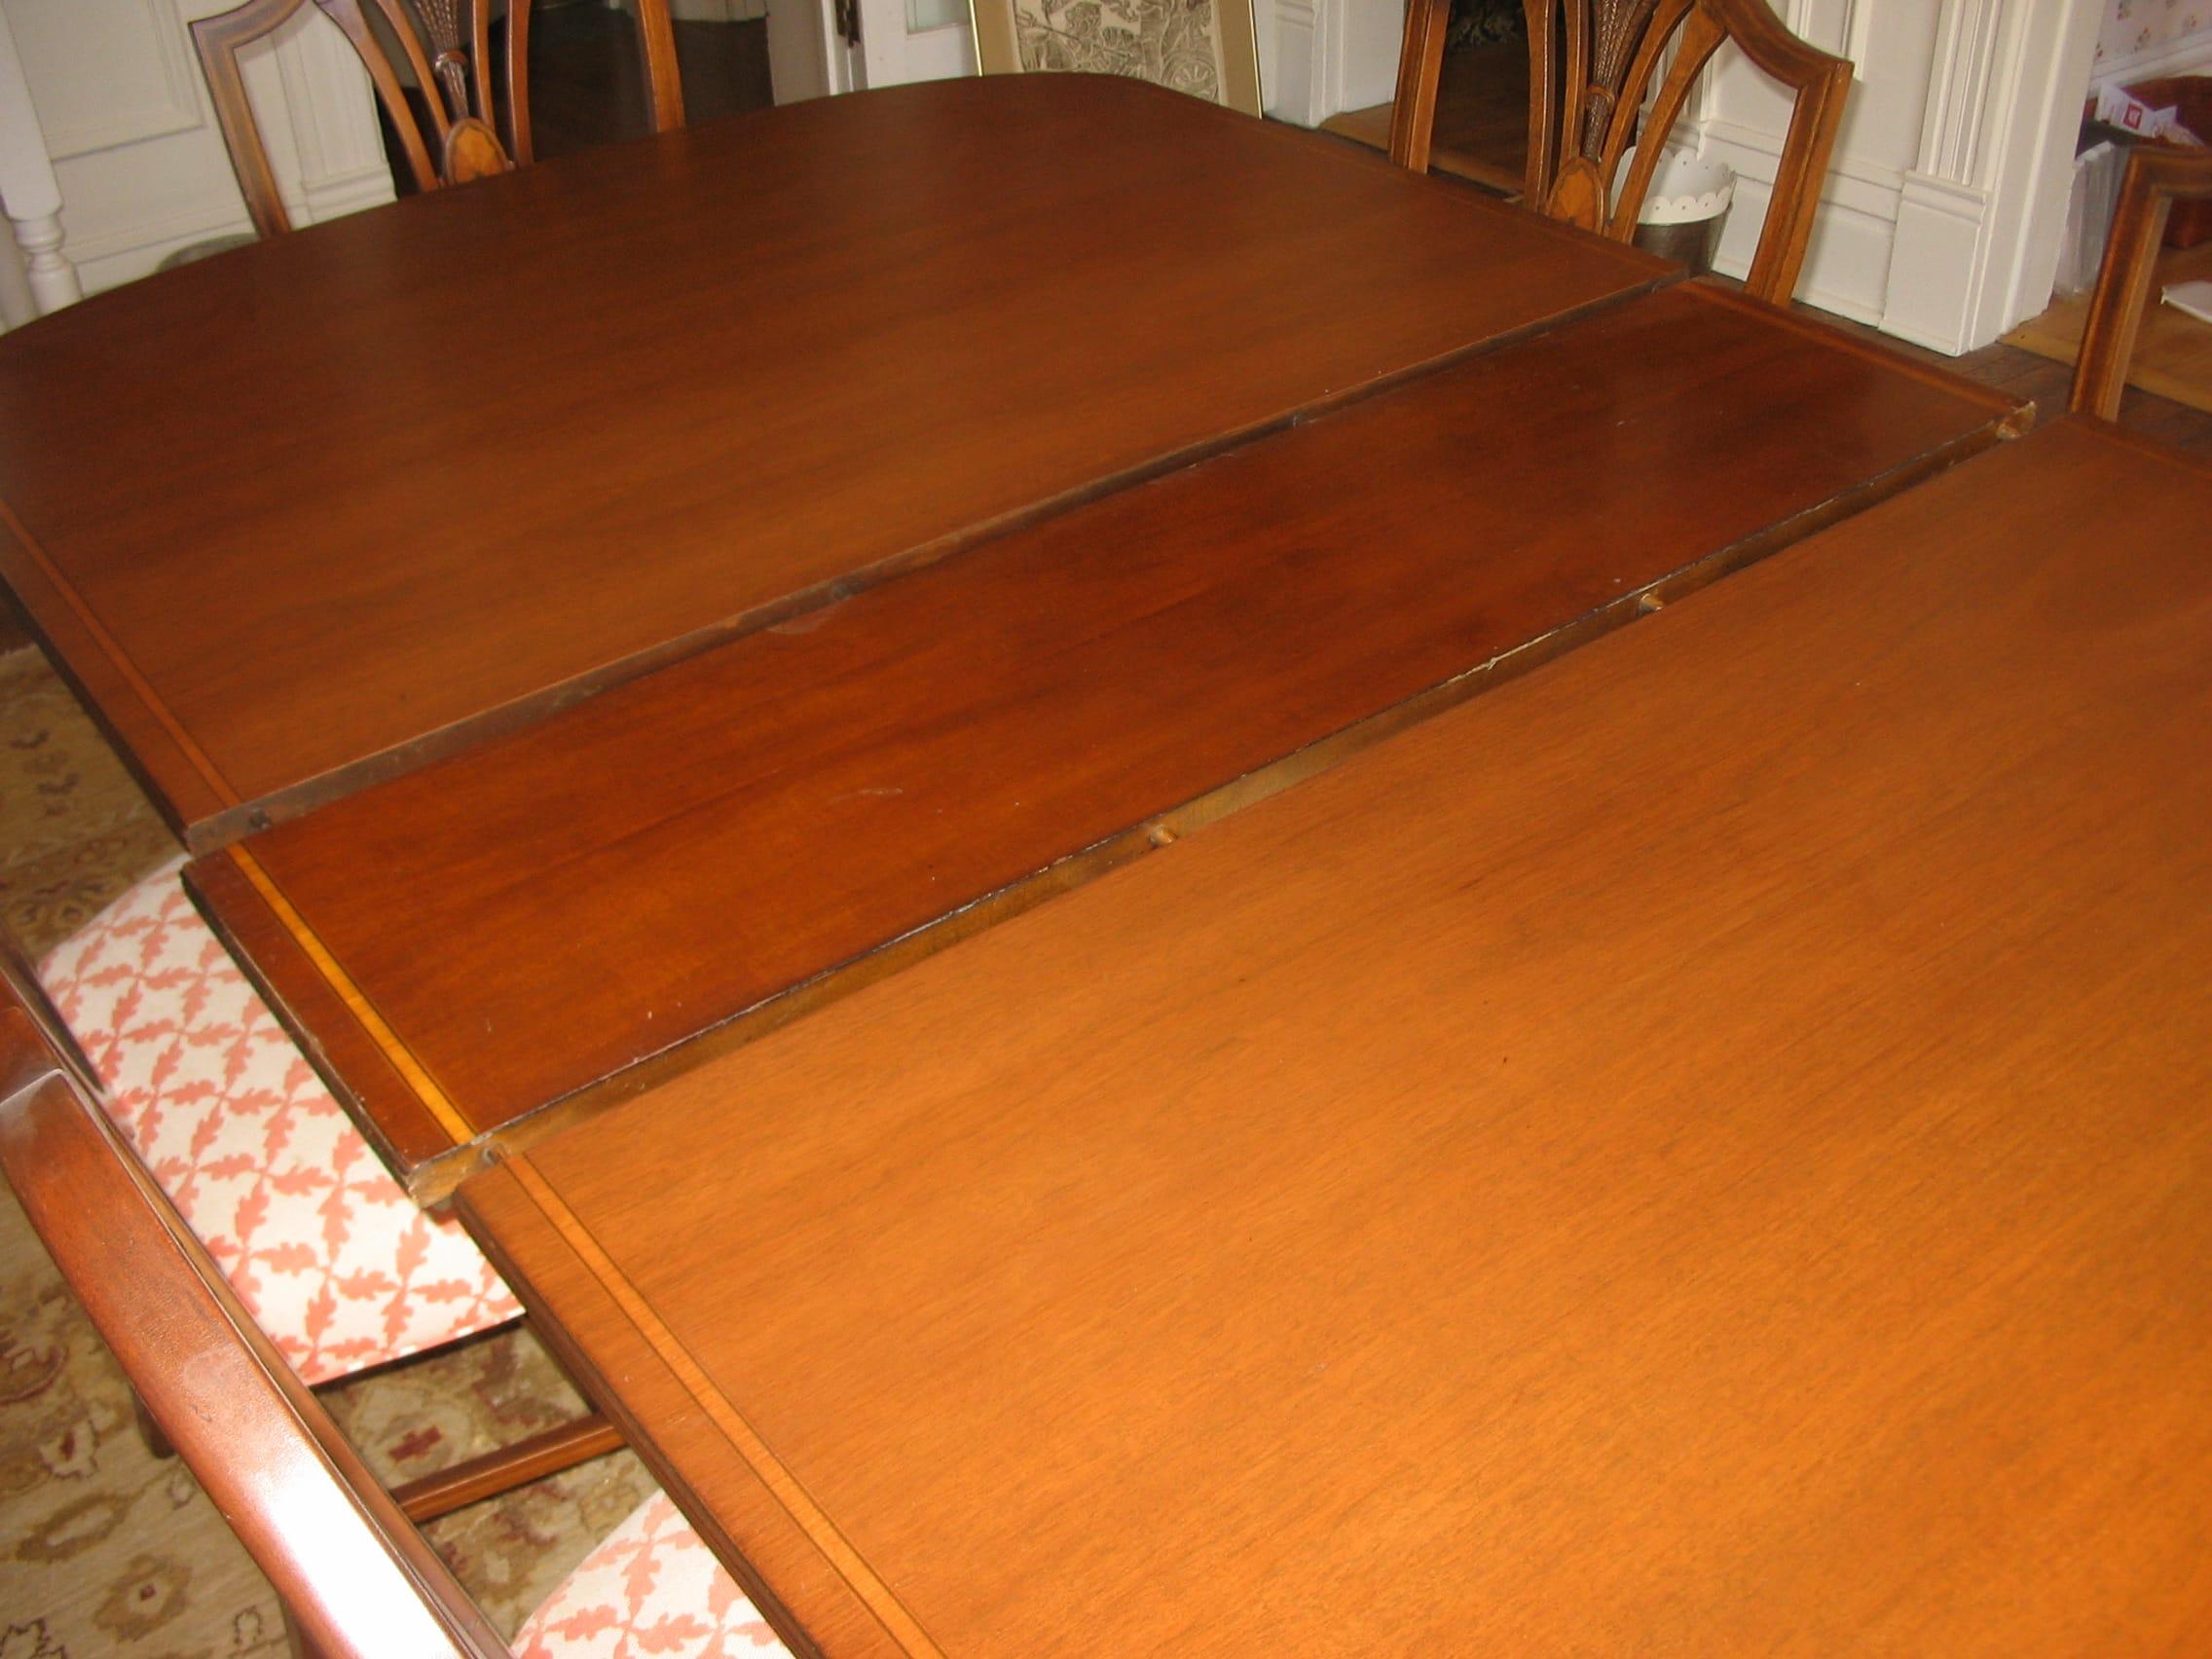 Furniture Refinishing | Cabinet Refinishing | AtHomeRestoration ...